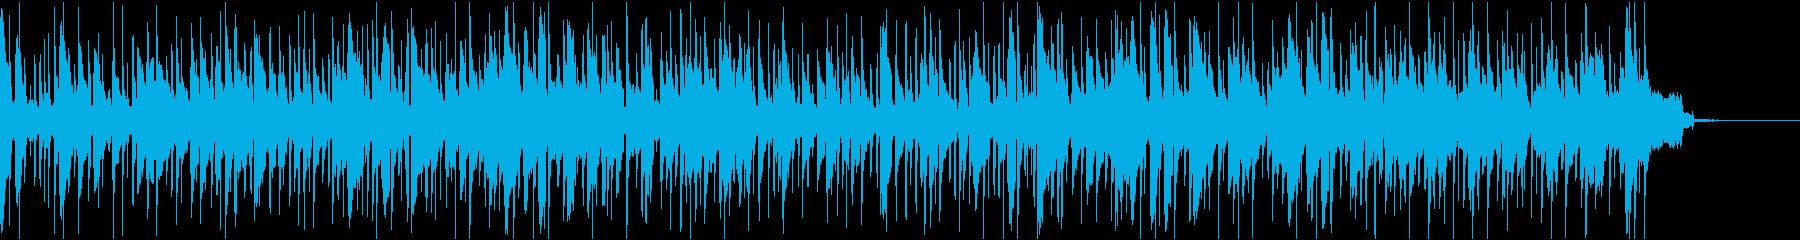 ゆったりとしたボサノヴァの再生済みの波形